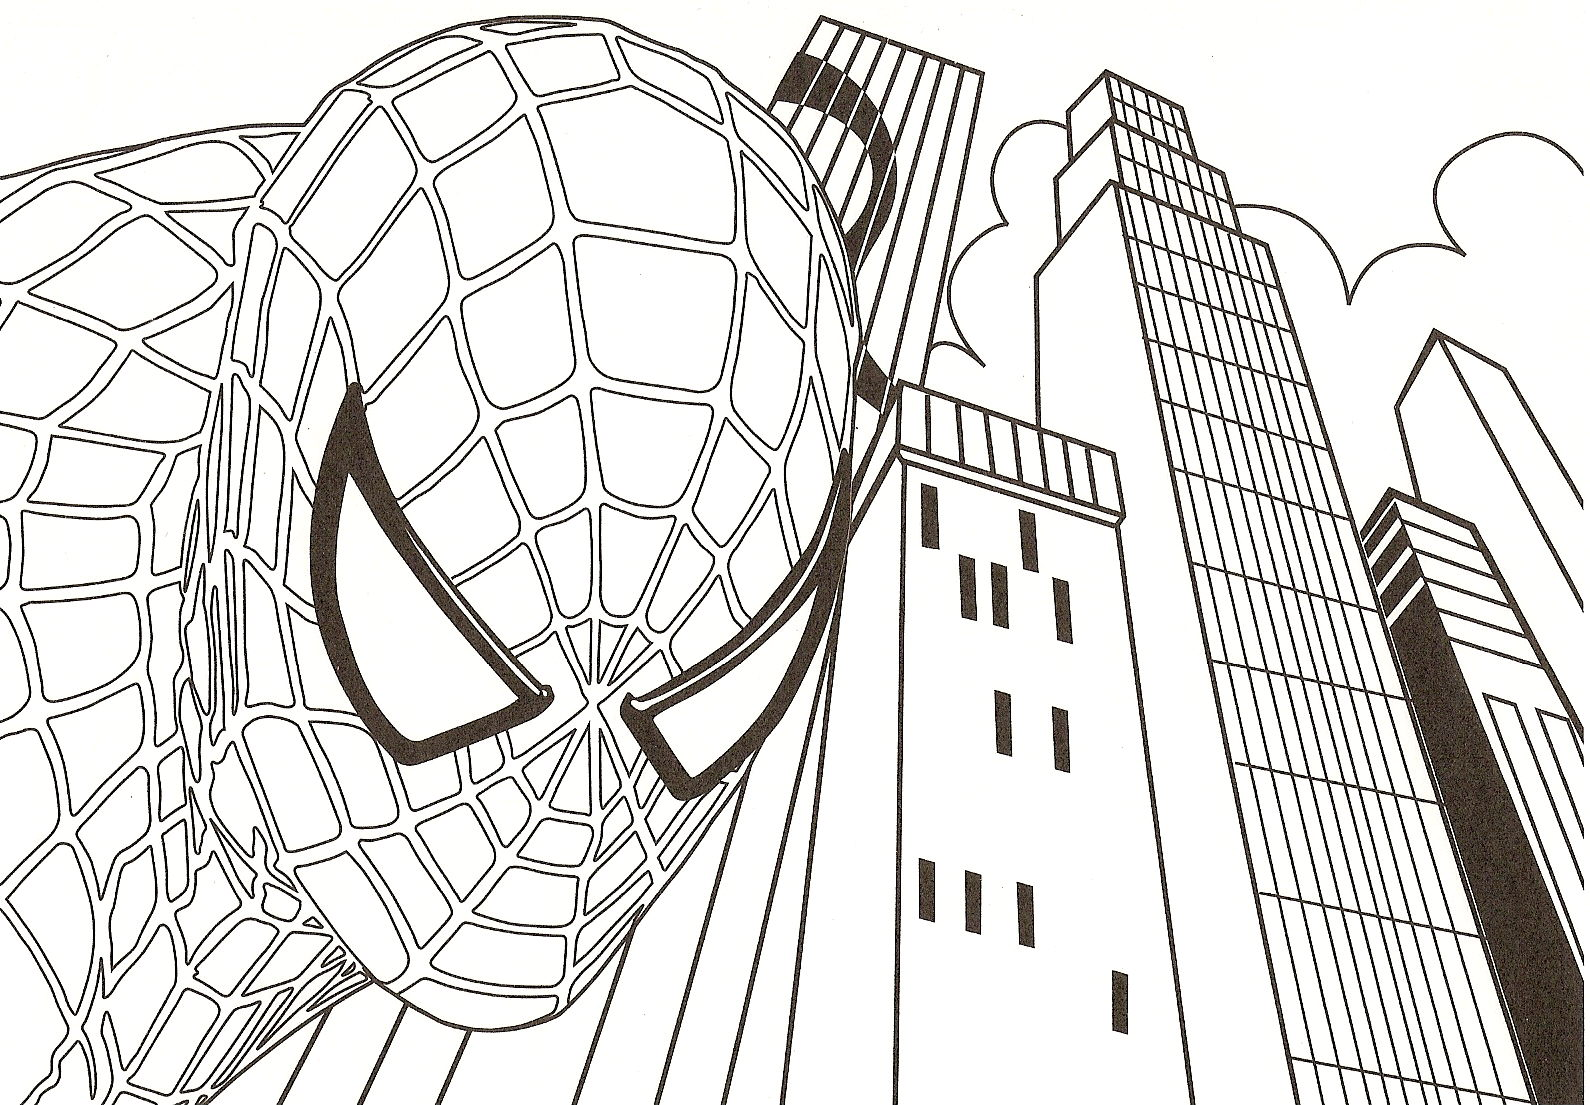 171 dibujos de Superhéroes para colorear | Oh Kids | Page 4